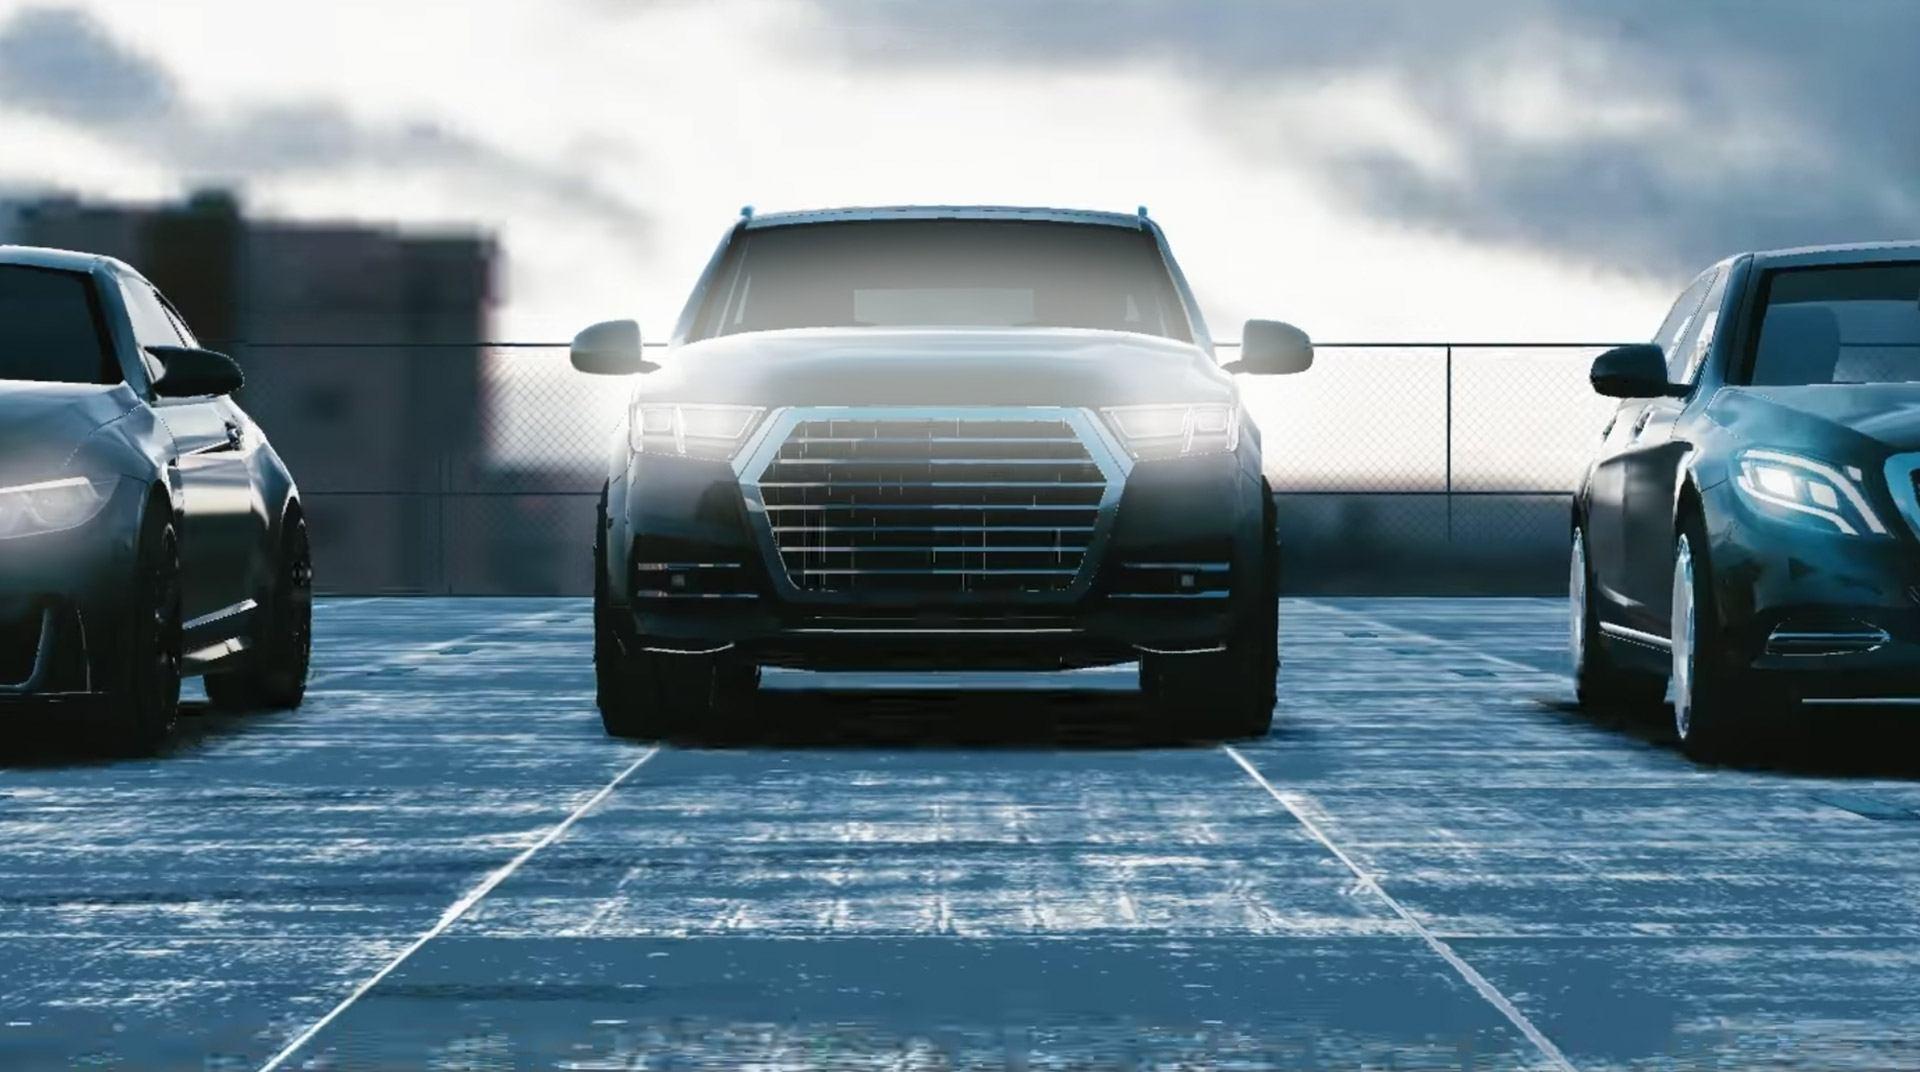 Open Real Car Parking 2 Driving School 2018 In Bluestacks